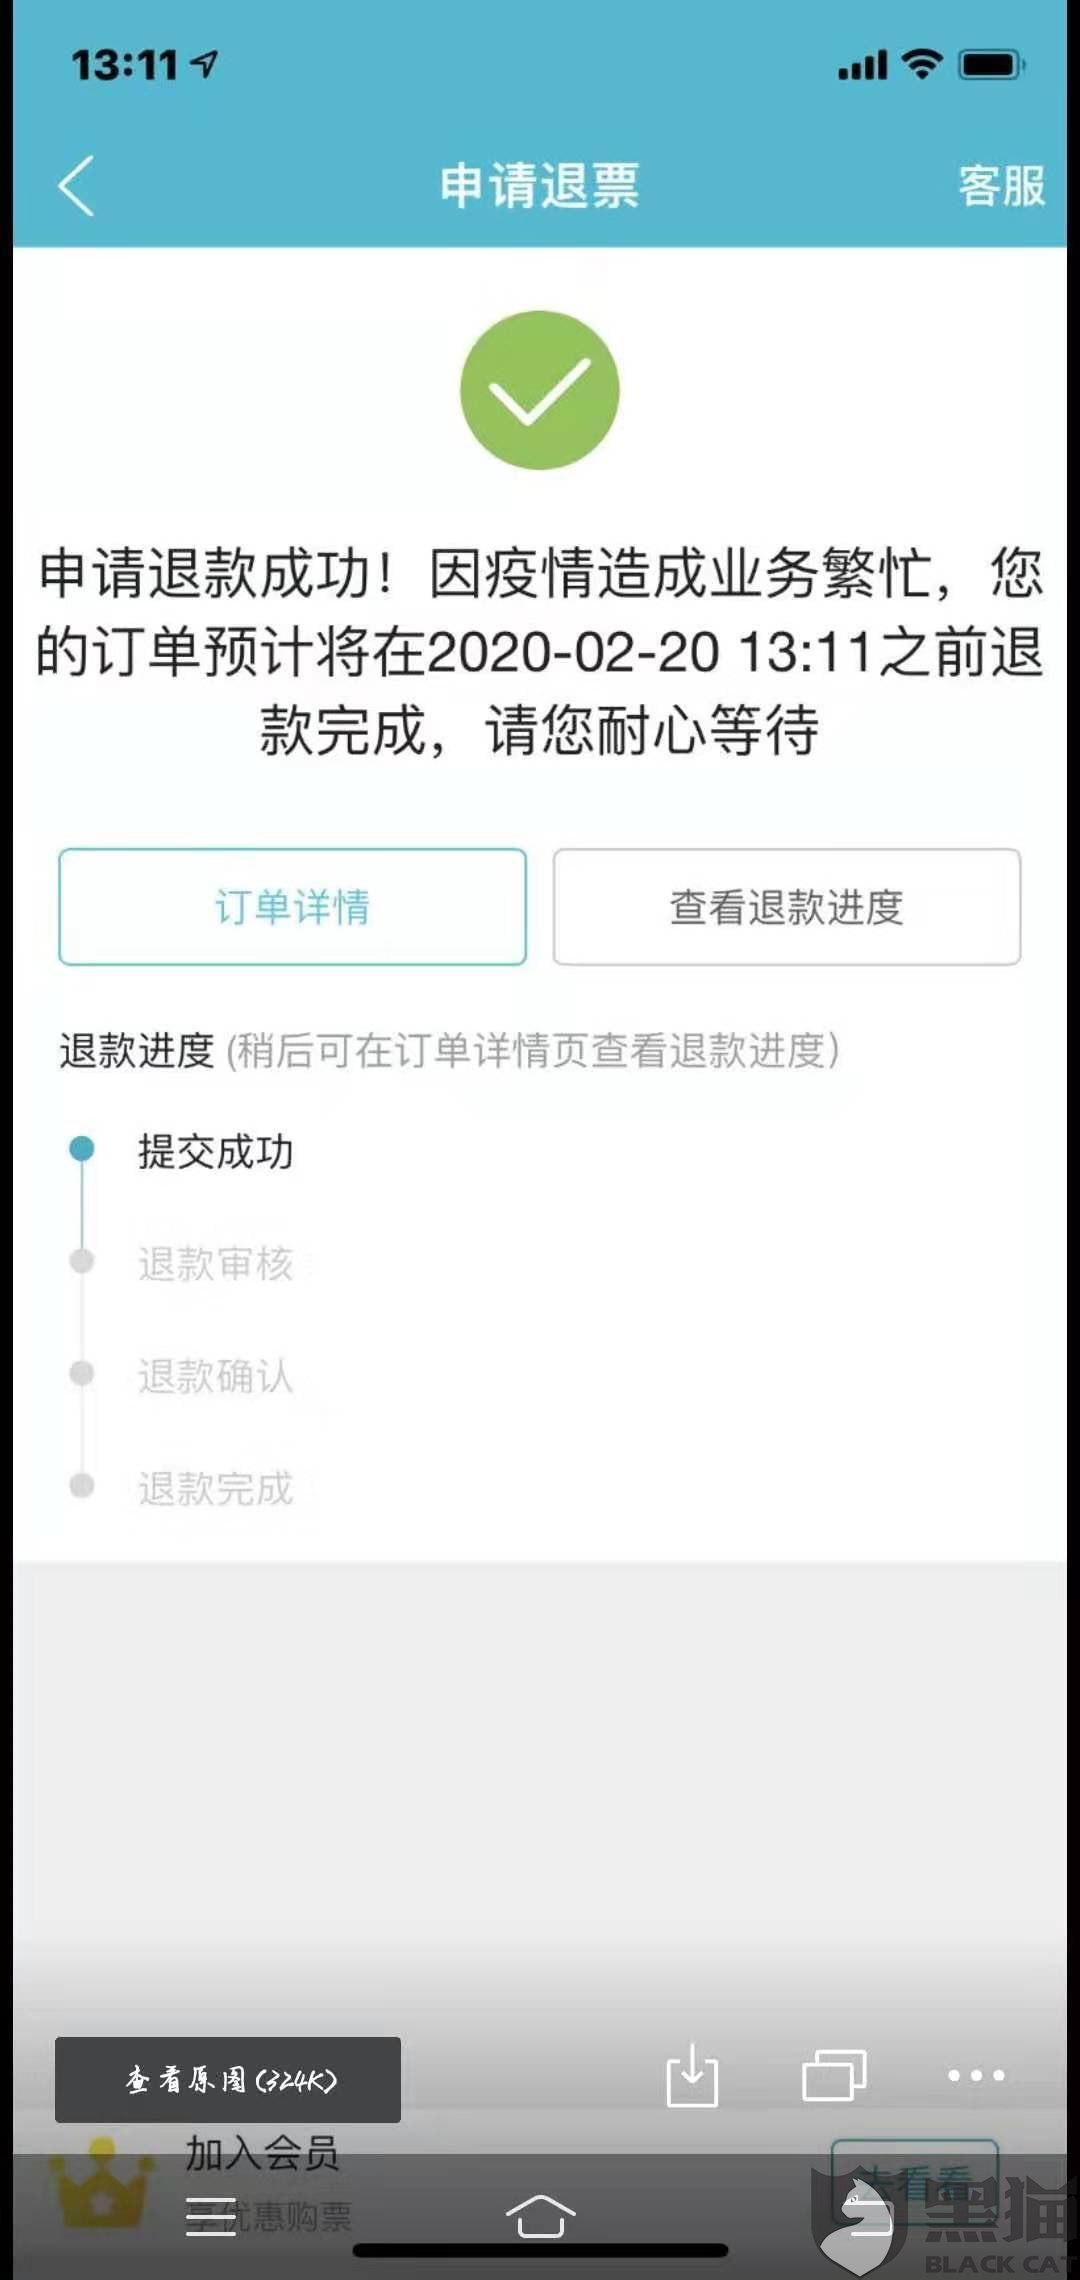 黑猫投诉:在去哪网app购买的乌鲁木齐航空机票疫情期间办理了退票至今没有退